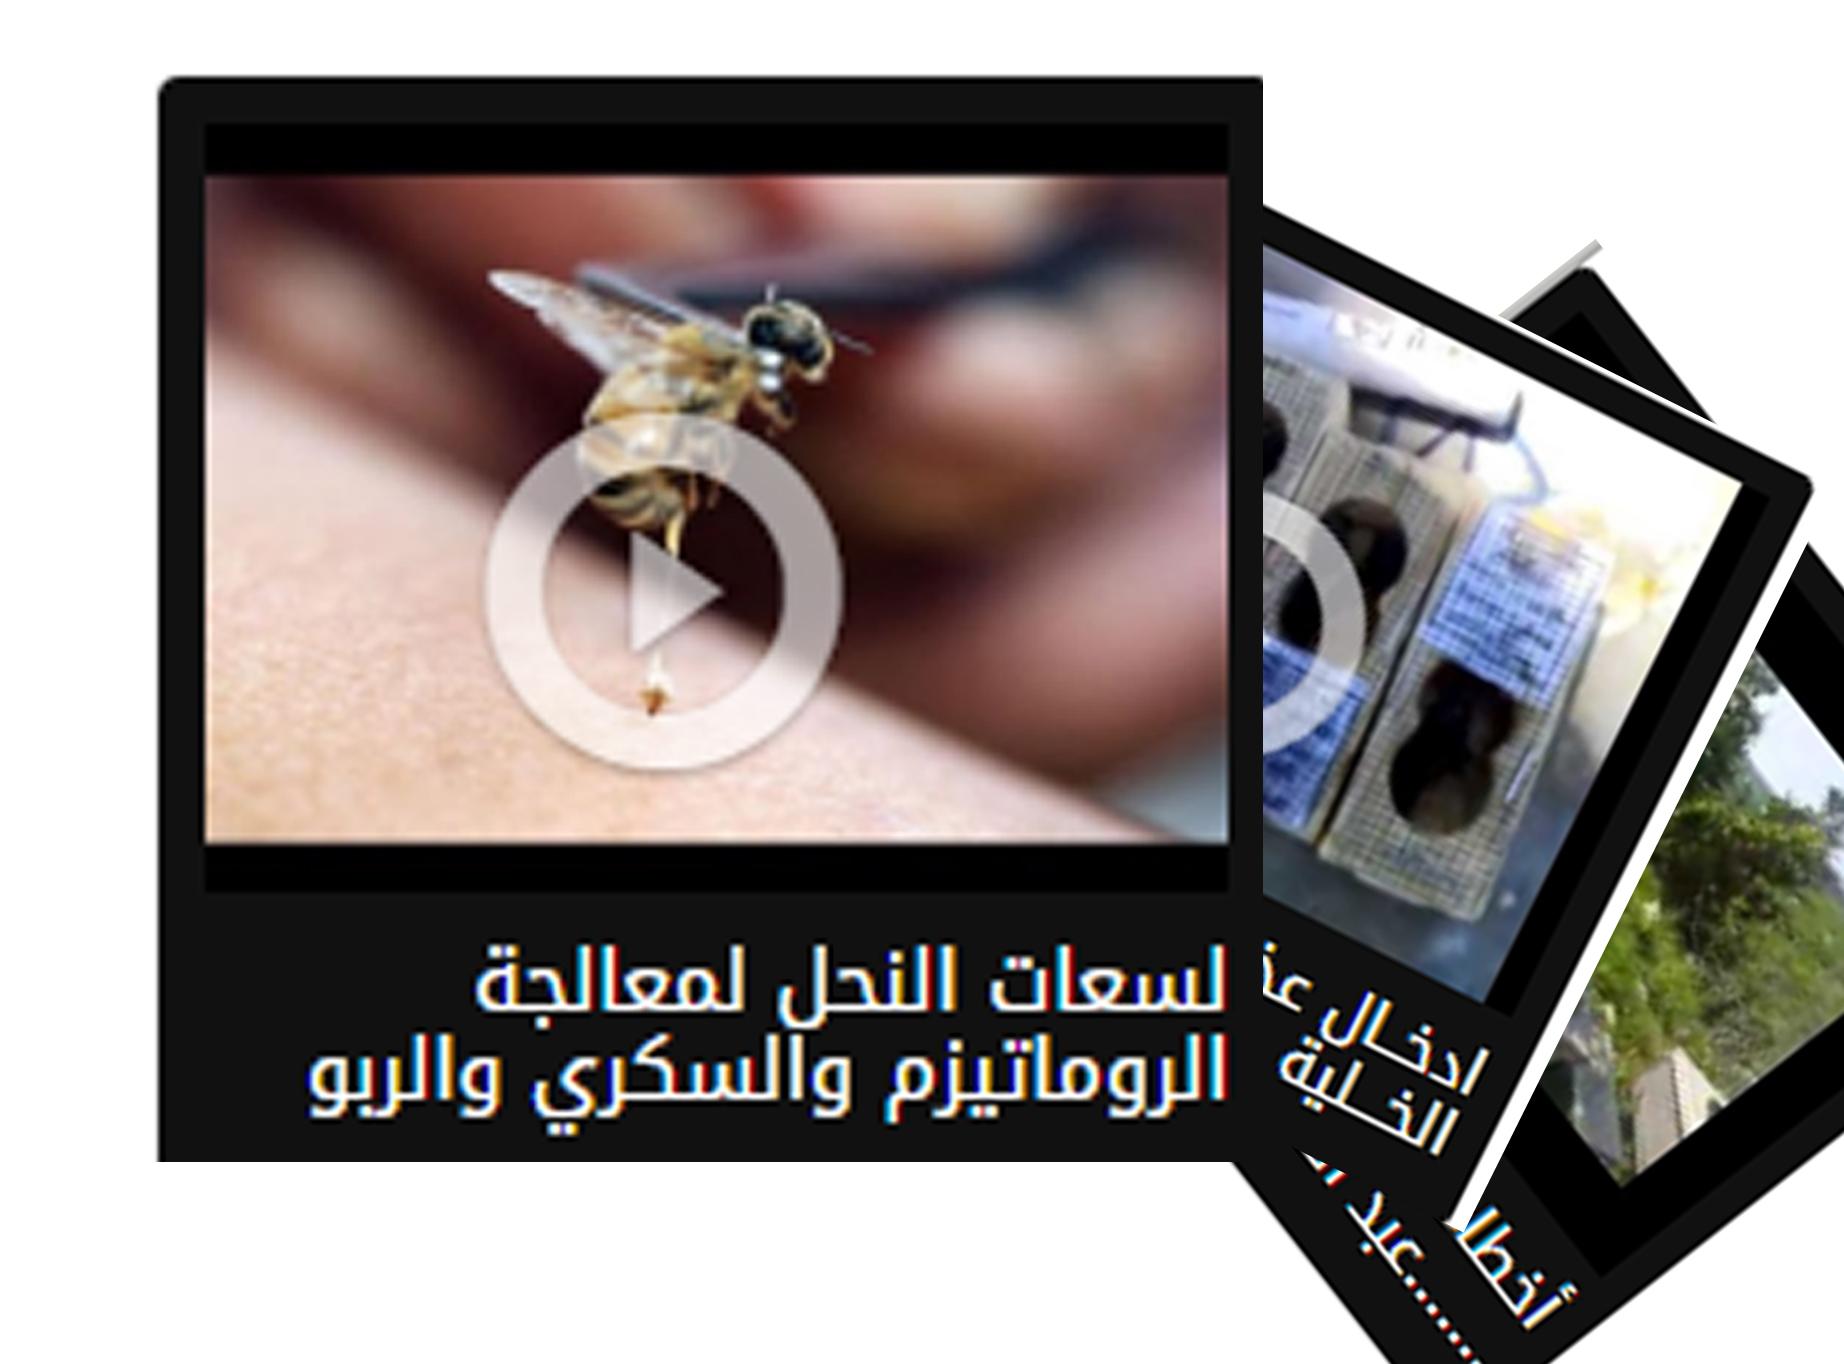 فيديو النحل - باللغة العربية